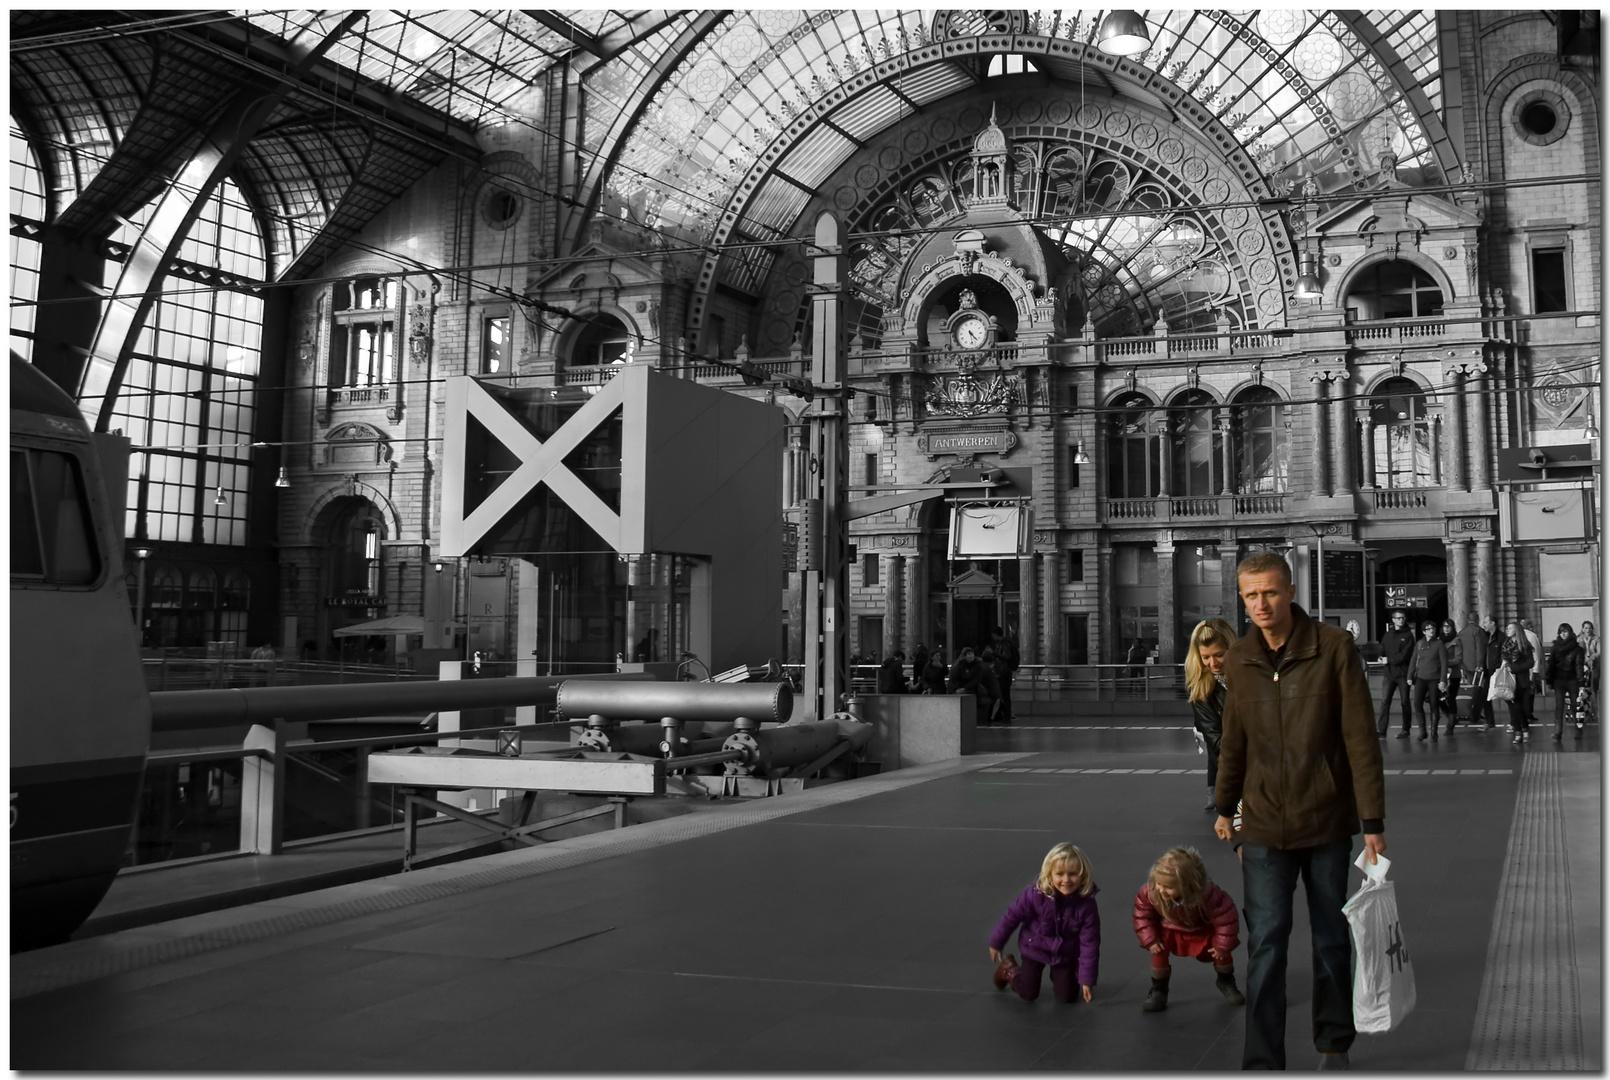 Automne à Anvers VIII Jeune famille dans une gare